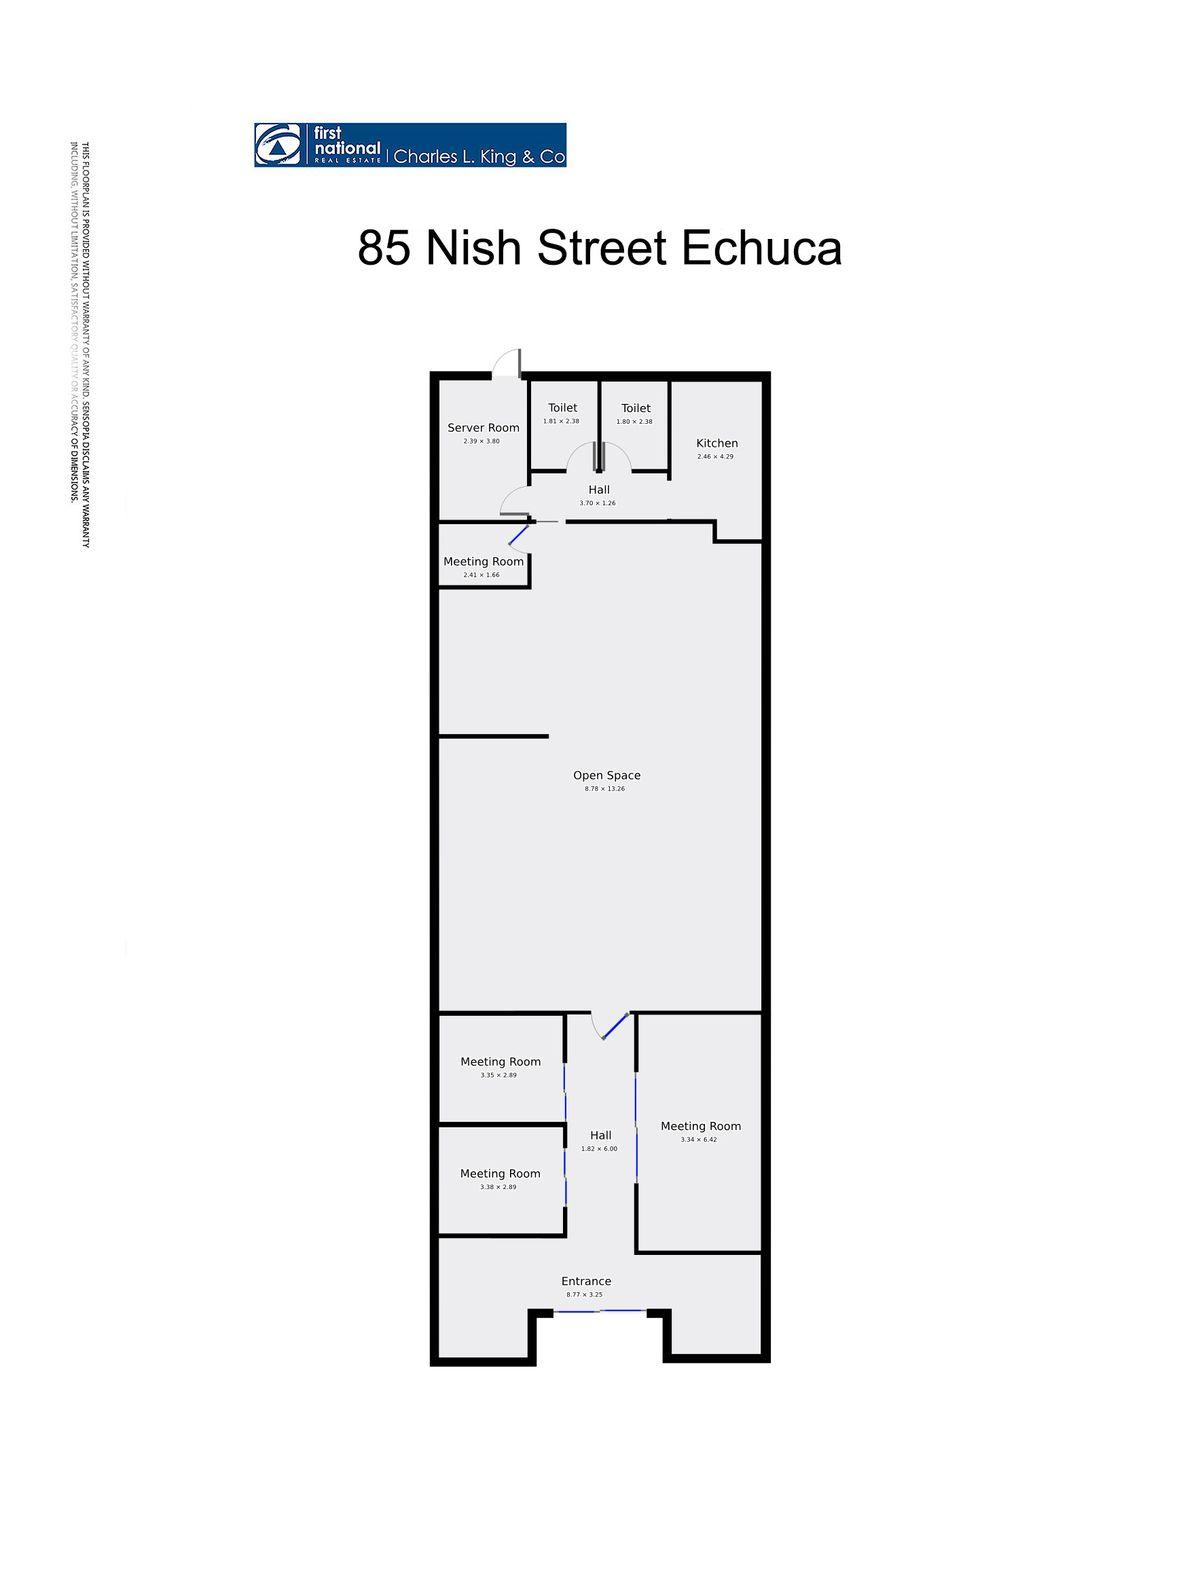 85 Nish Street, Echuca, VIC 3564